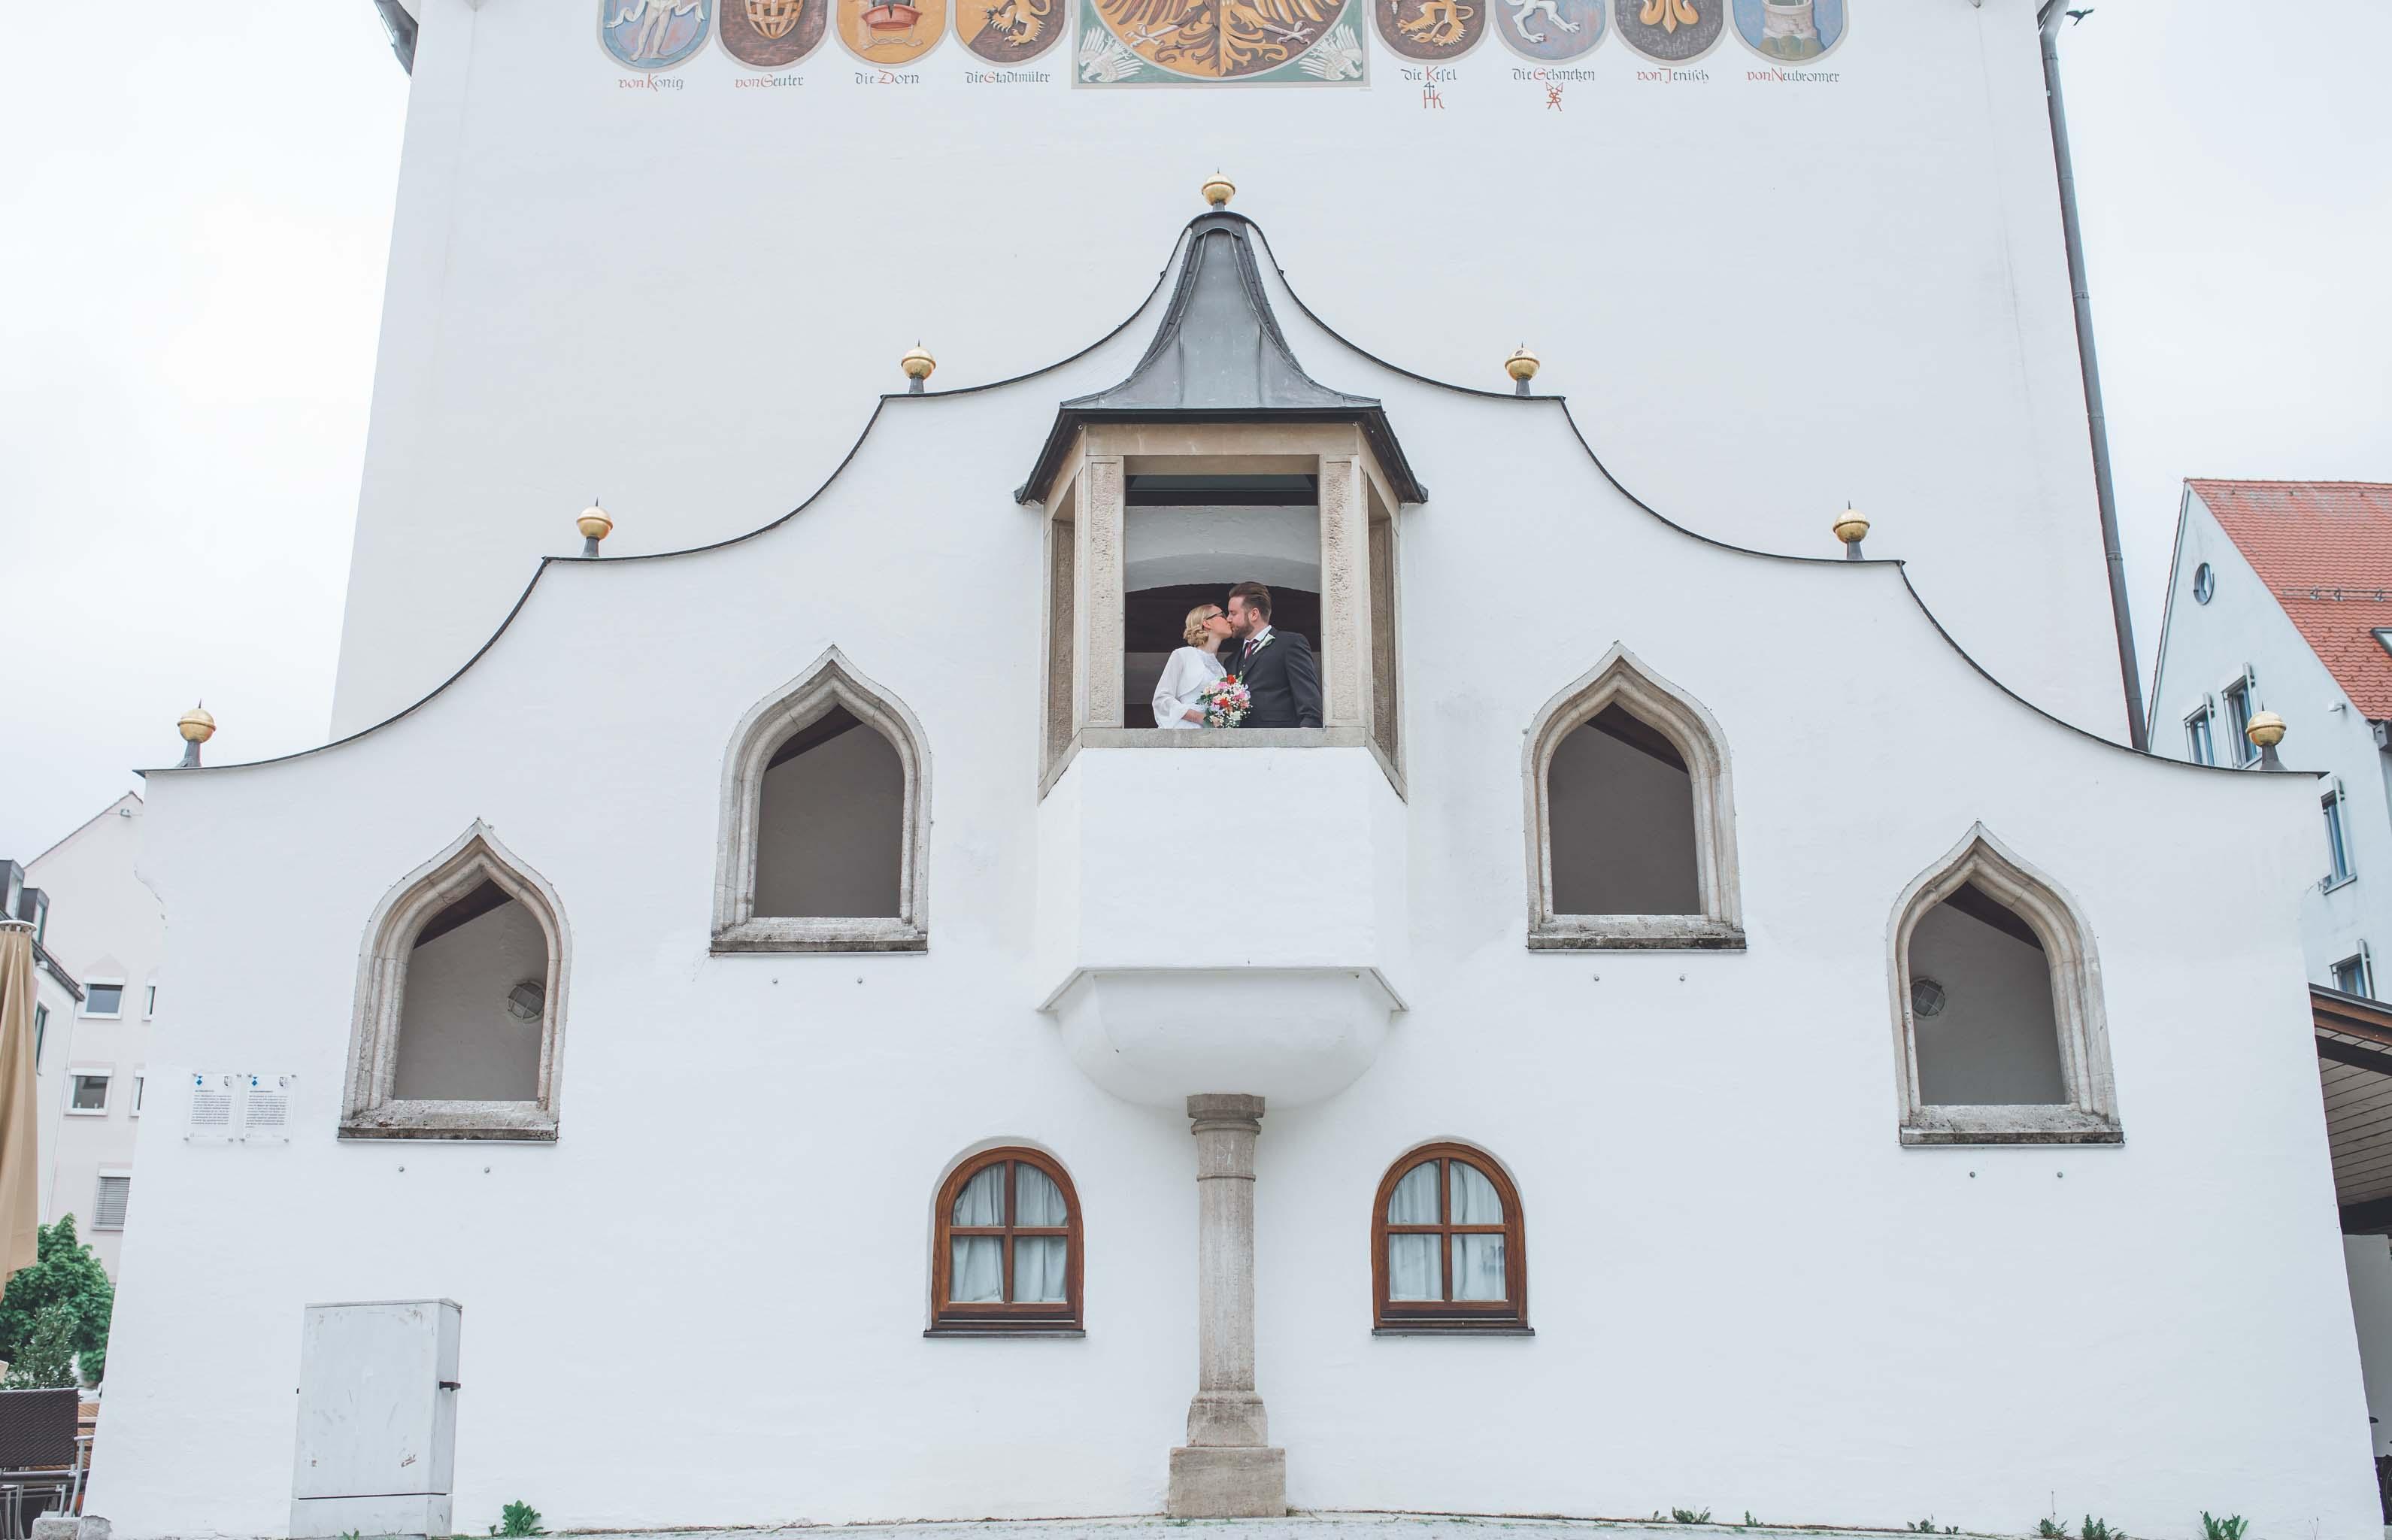 Hochzeitsfotograf Ulm Kempten-4